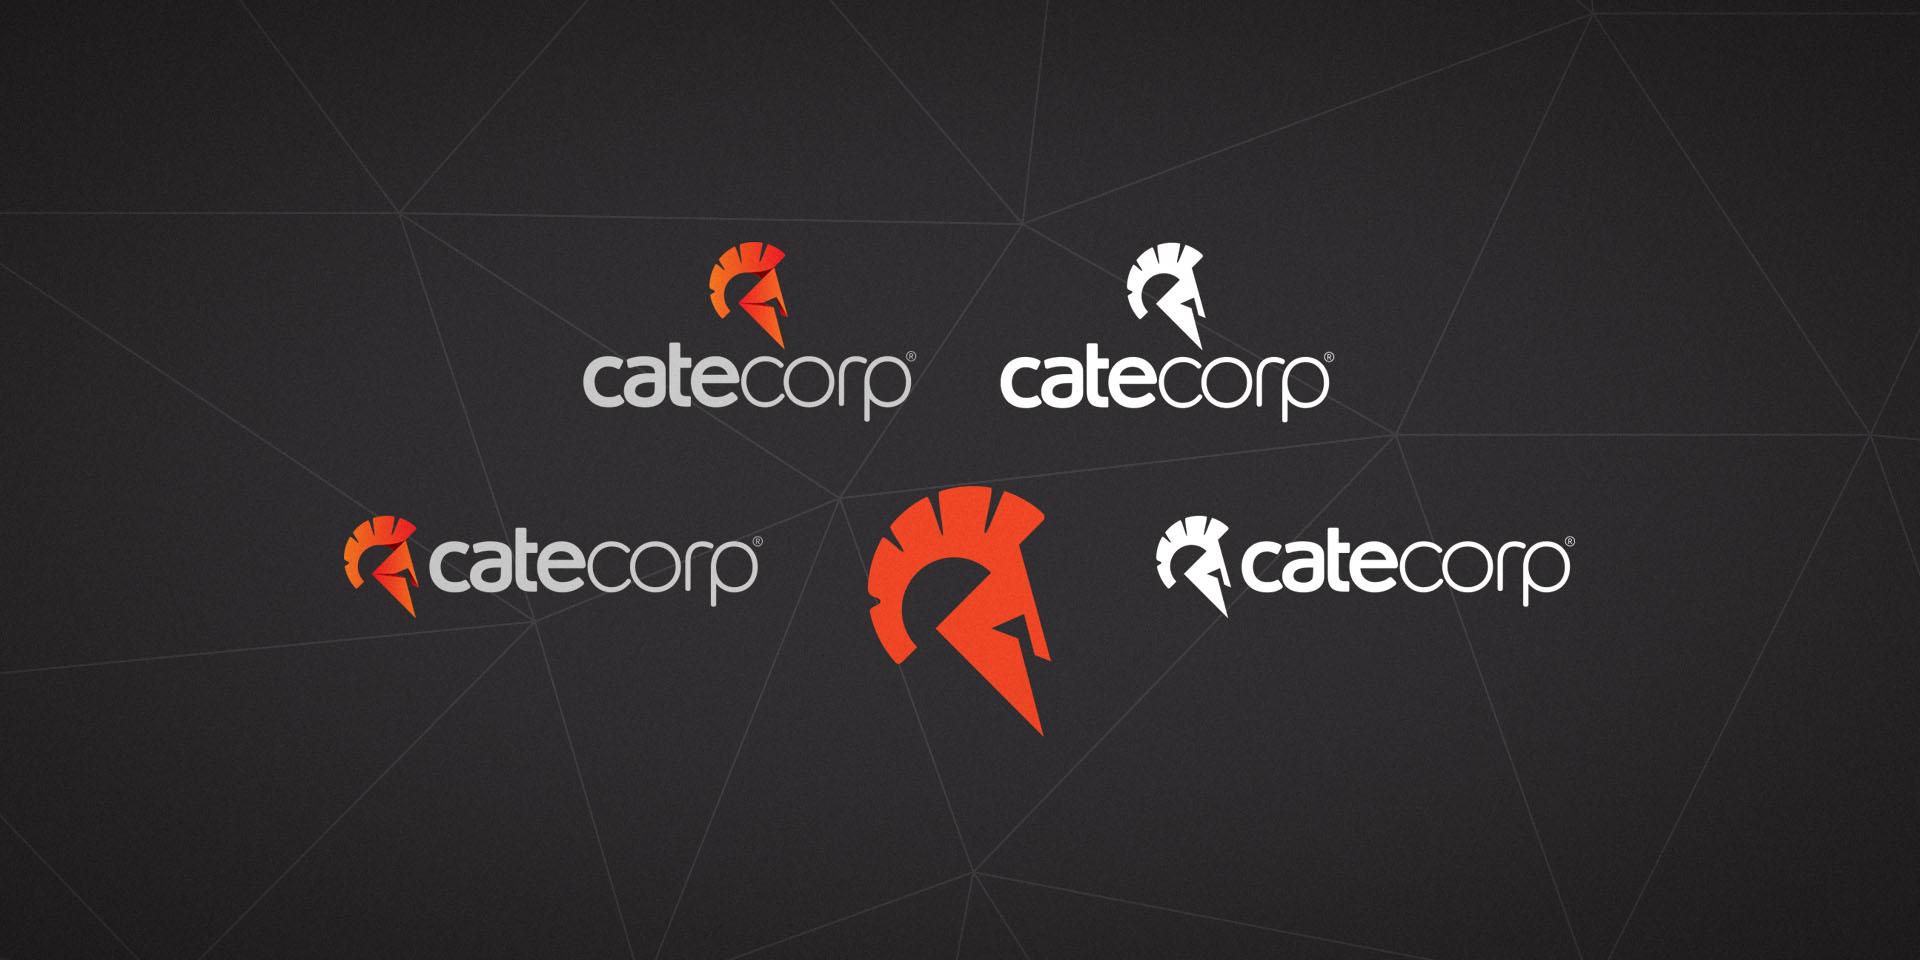 catecorp8